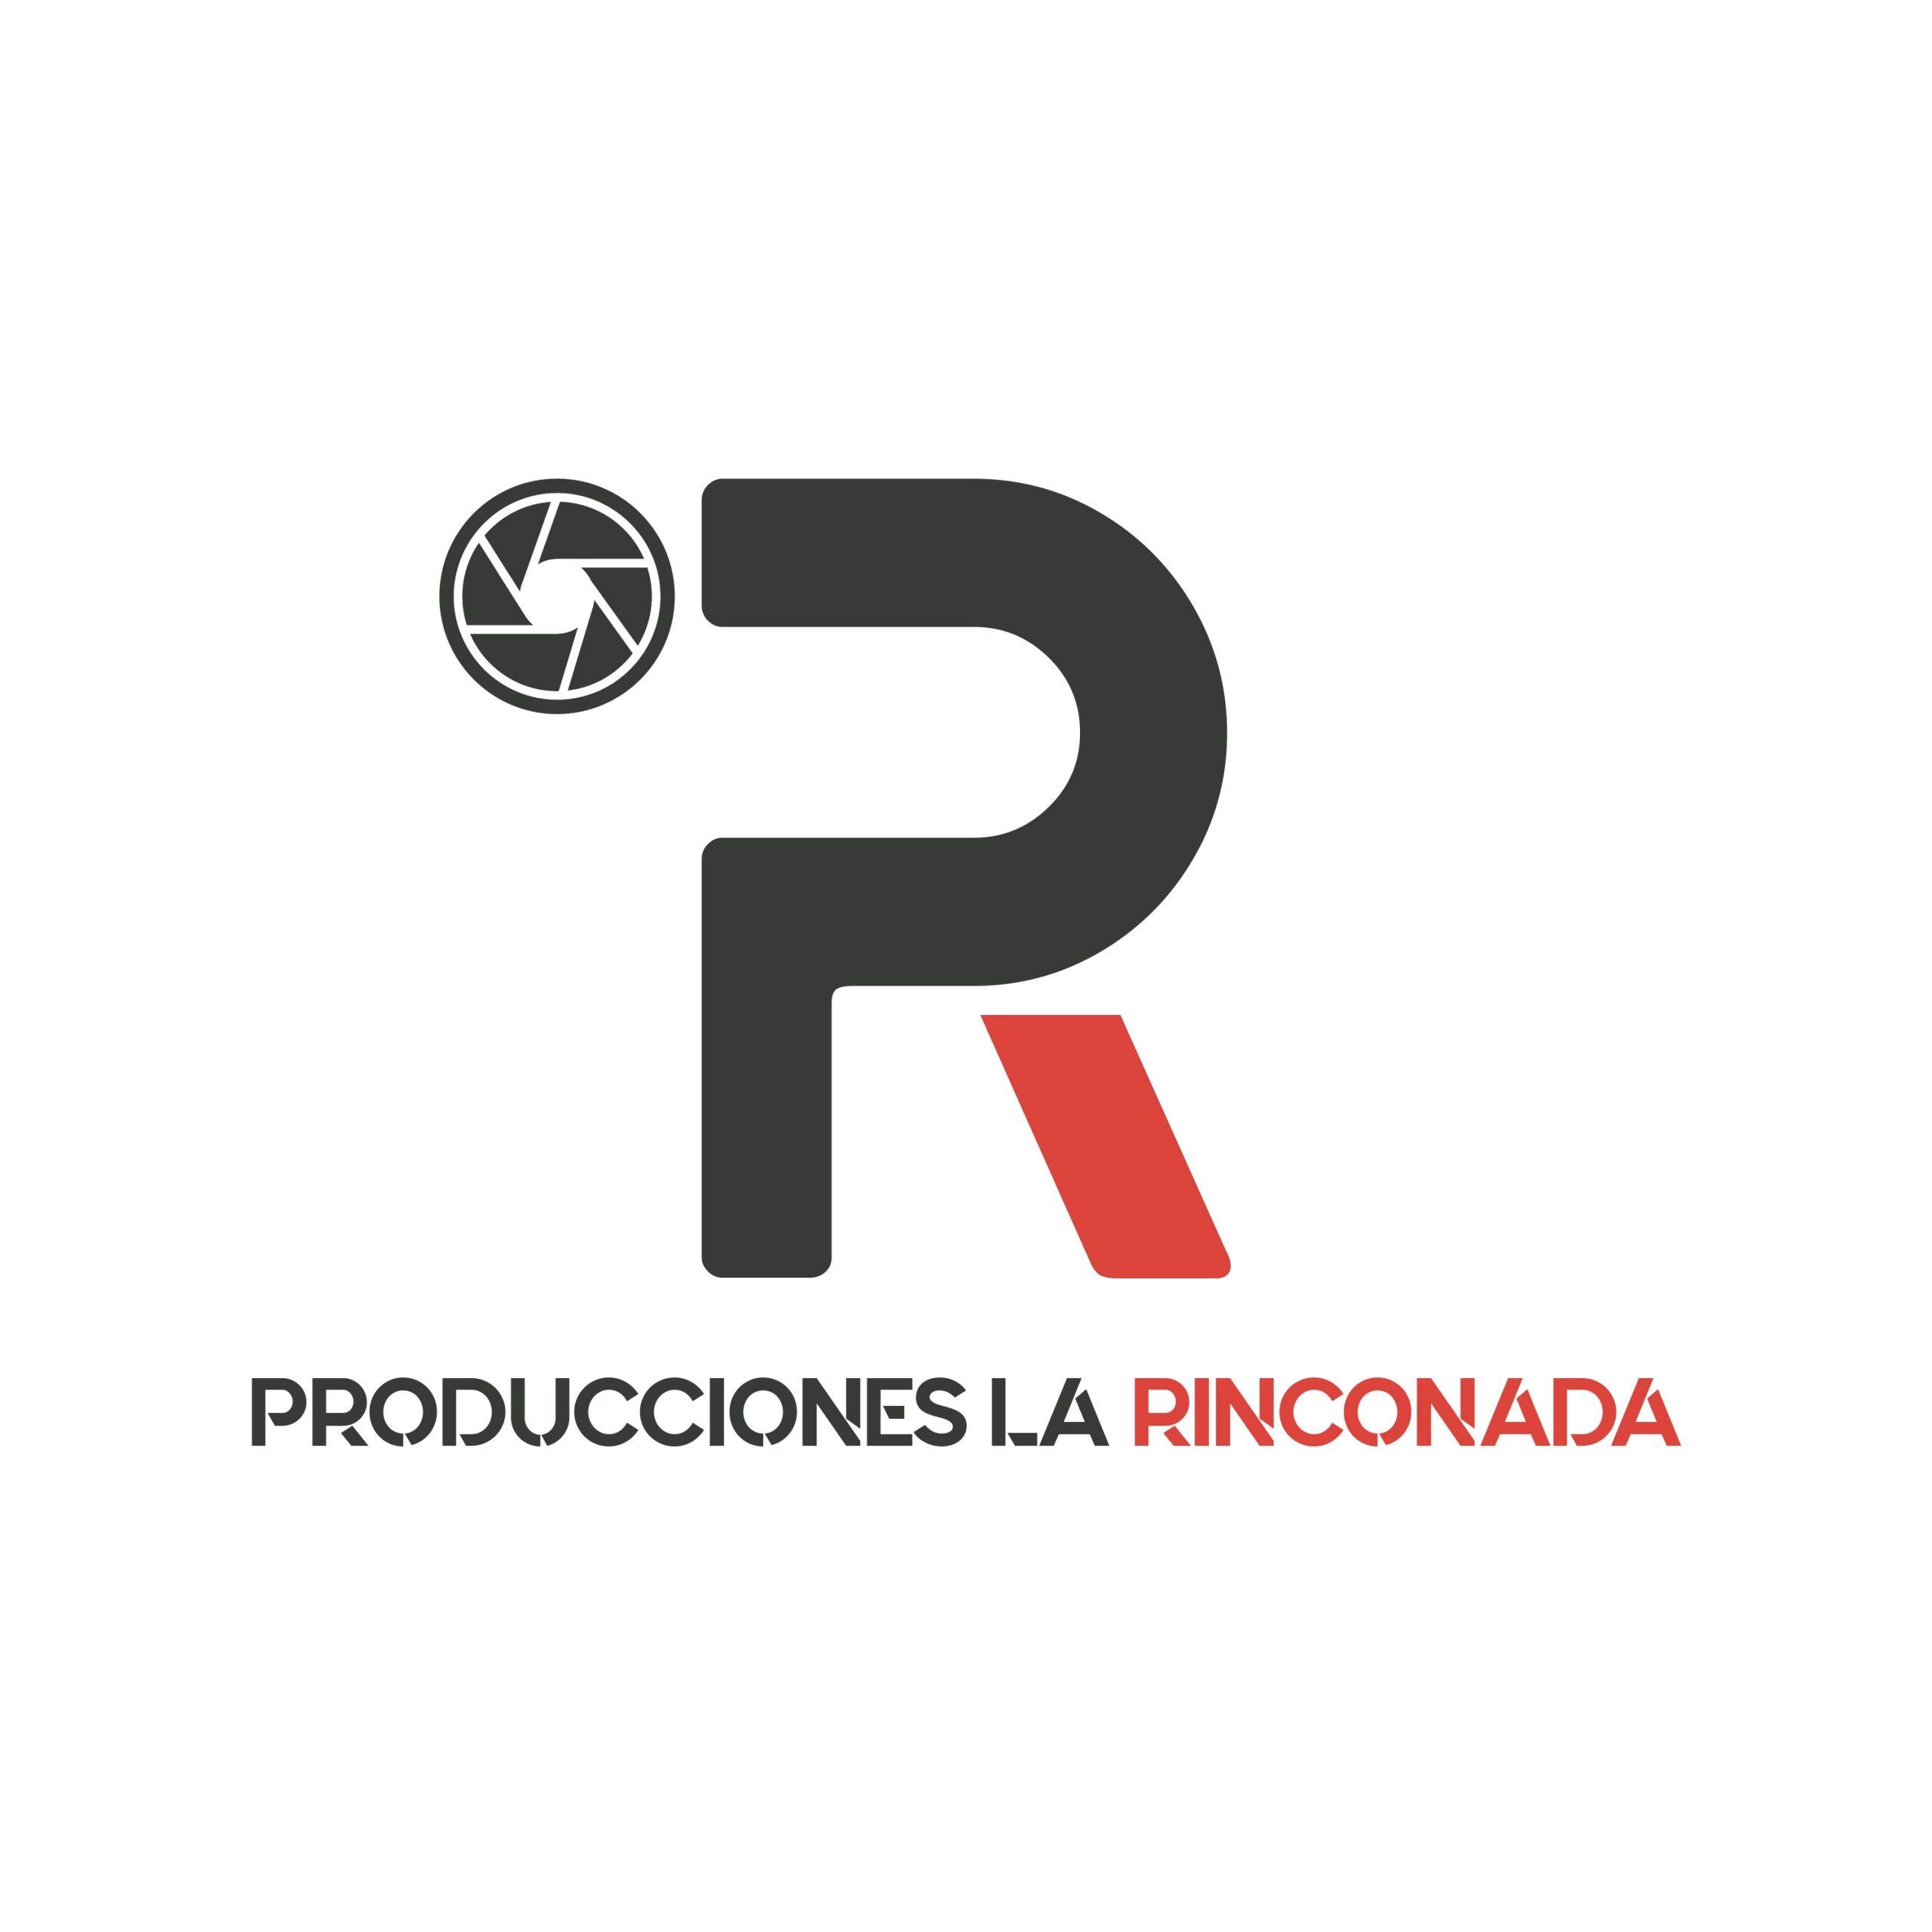 Branding para Producciones la Rinconada